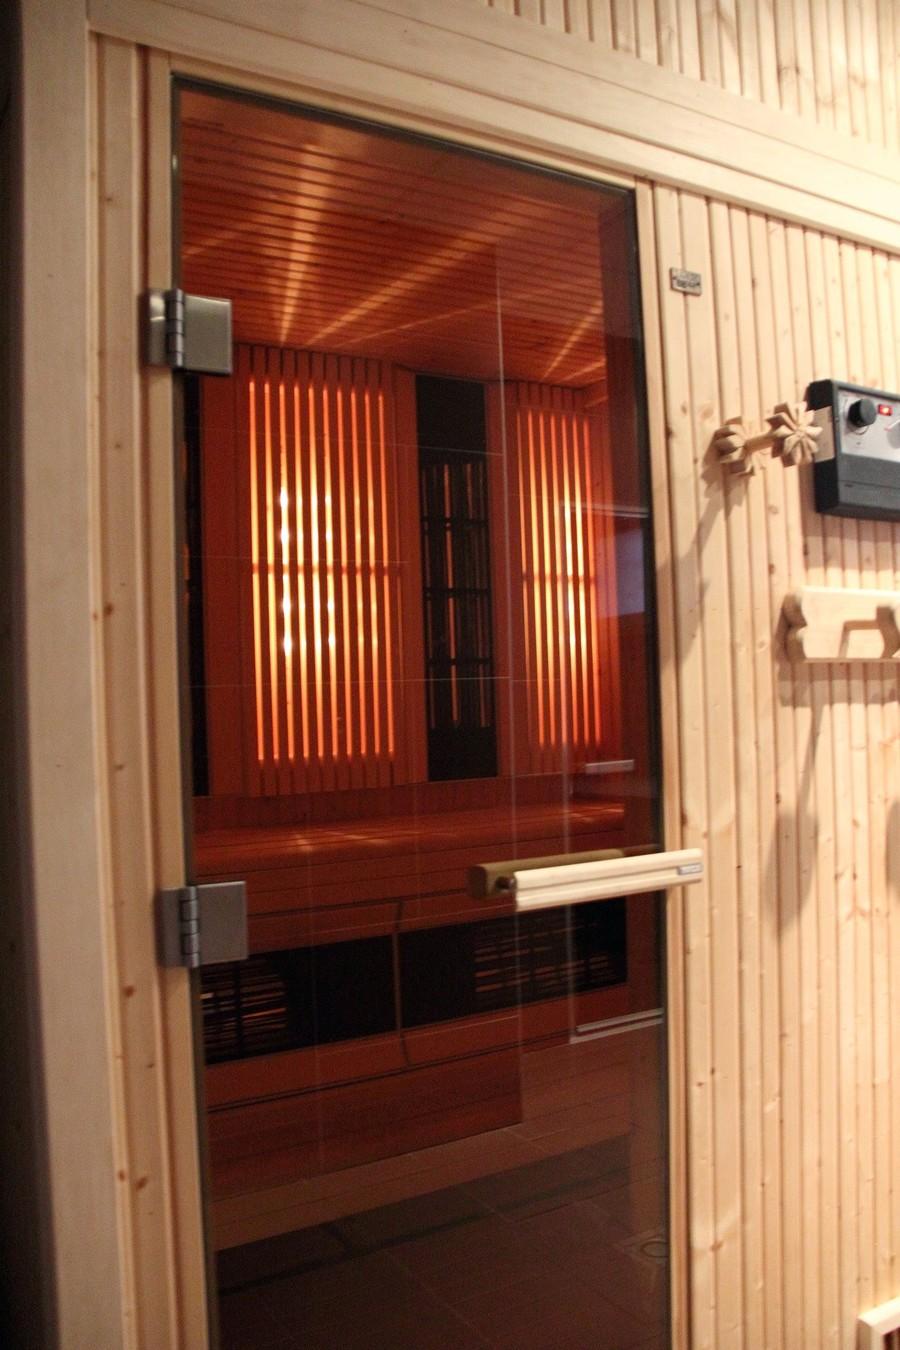 Sauna japonais ou infra rouges longs